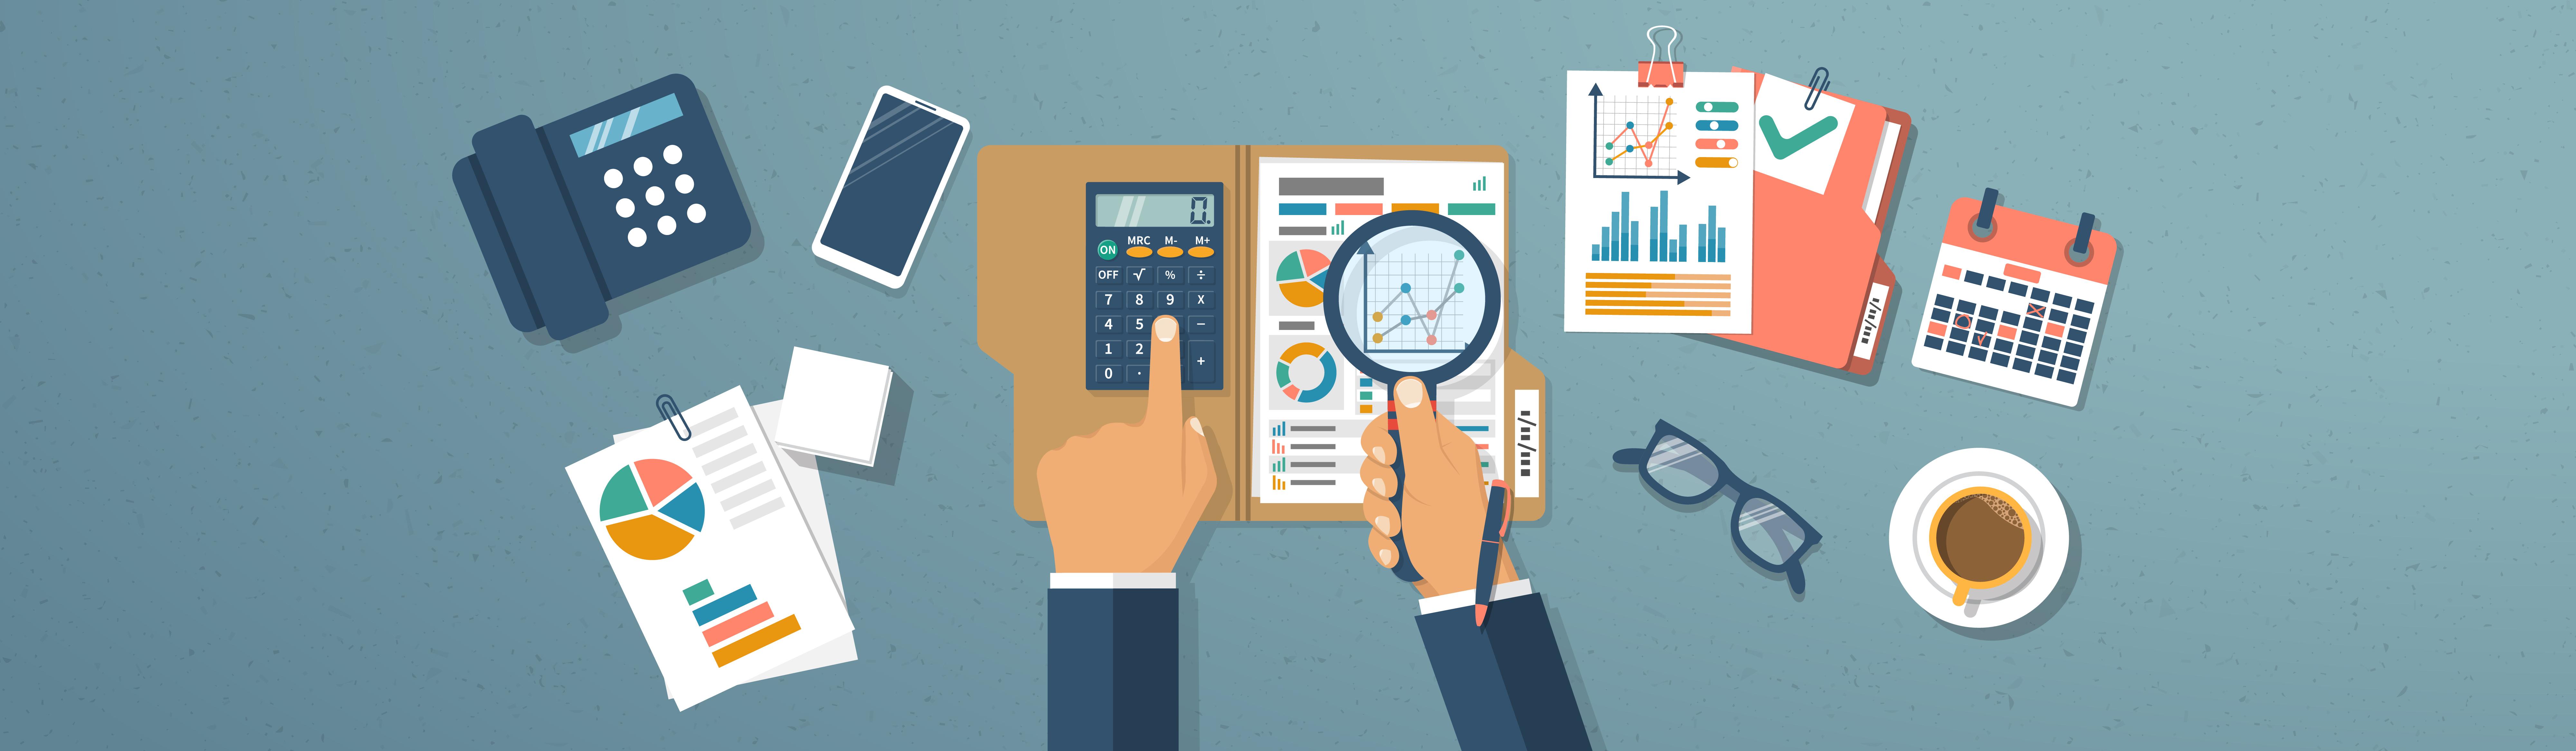 Cibele costa importancia contabilidade banner plataforma